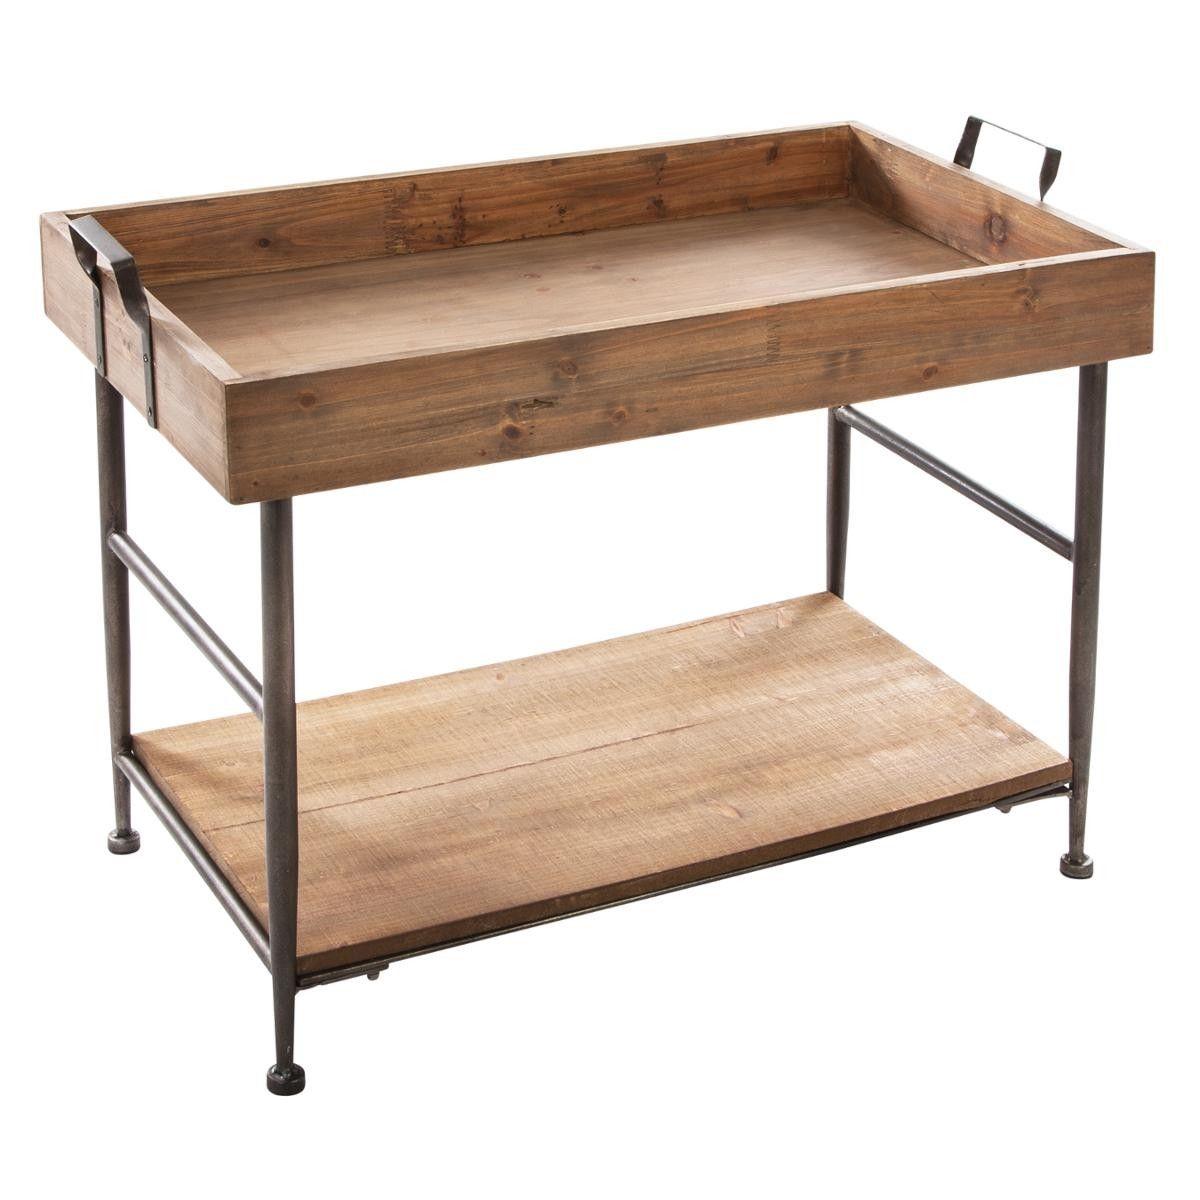 Dimensions L 72 5 X L 38 7 X H 53 Cm Table Cafe Service De Table Mobilier De Salon